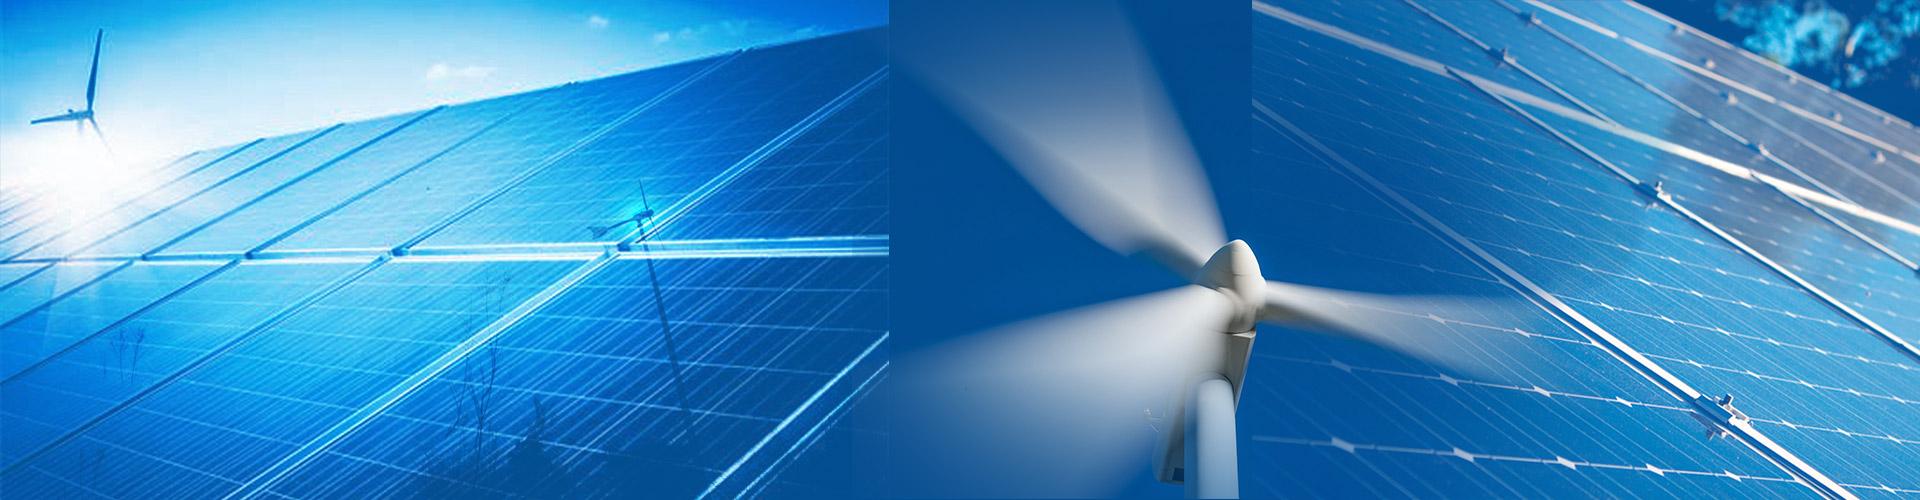 home energie renouvelable - Turbines pour systèmes éoliens - Turbines pour systèmes éoliens